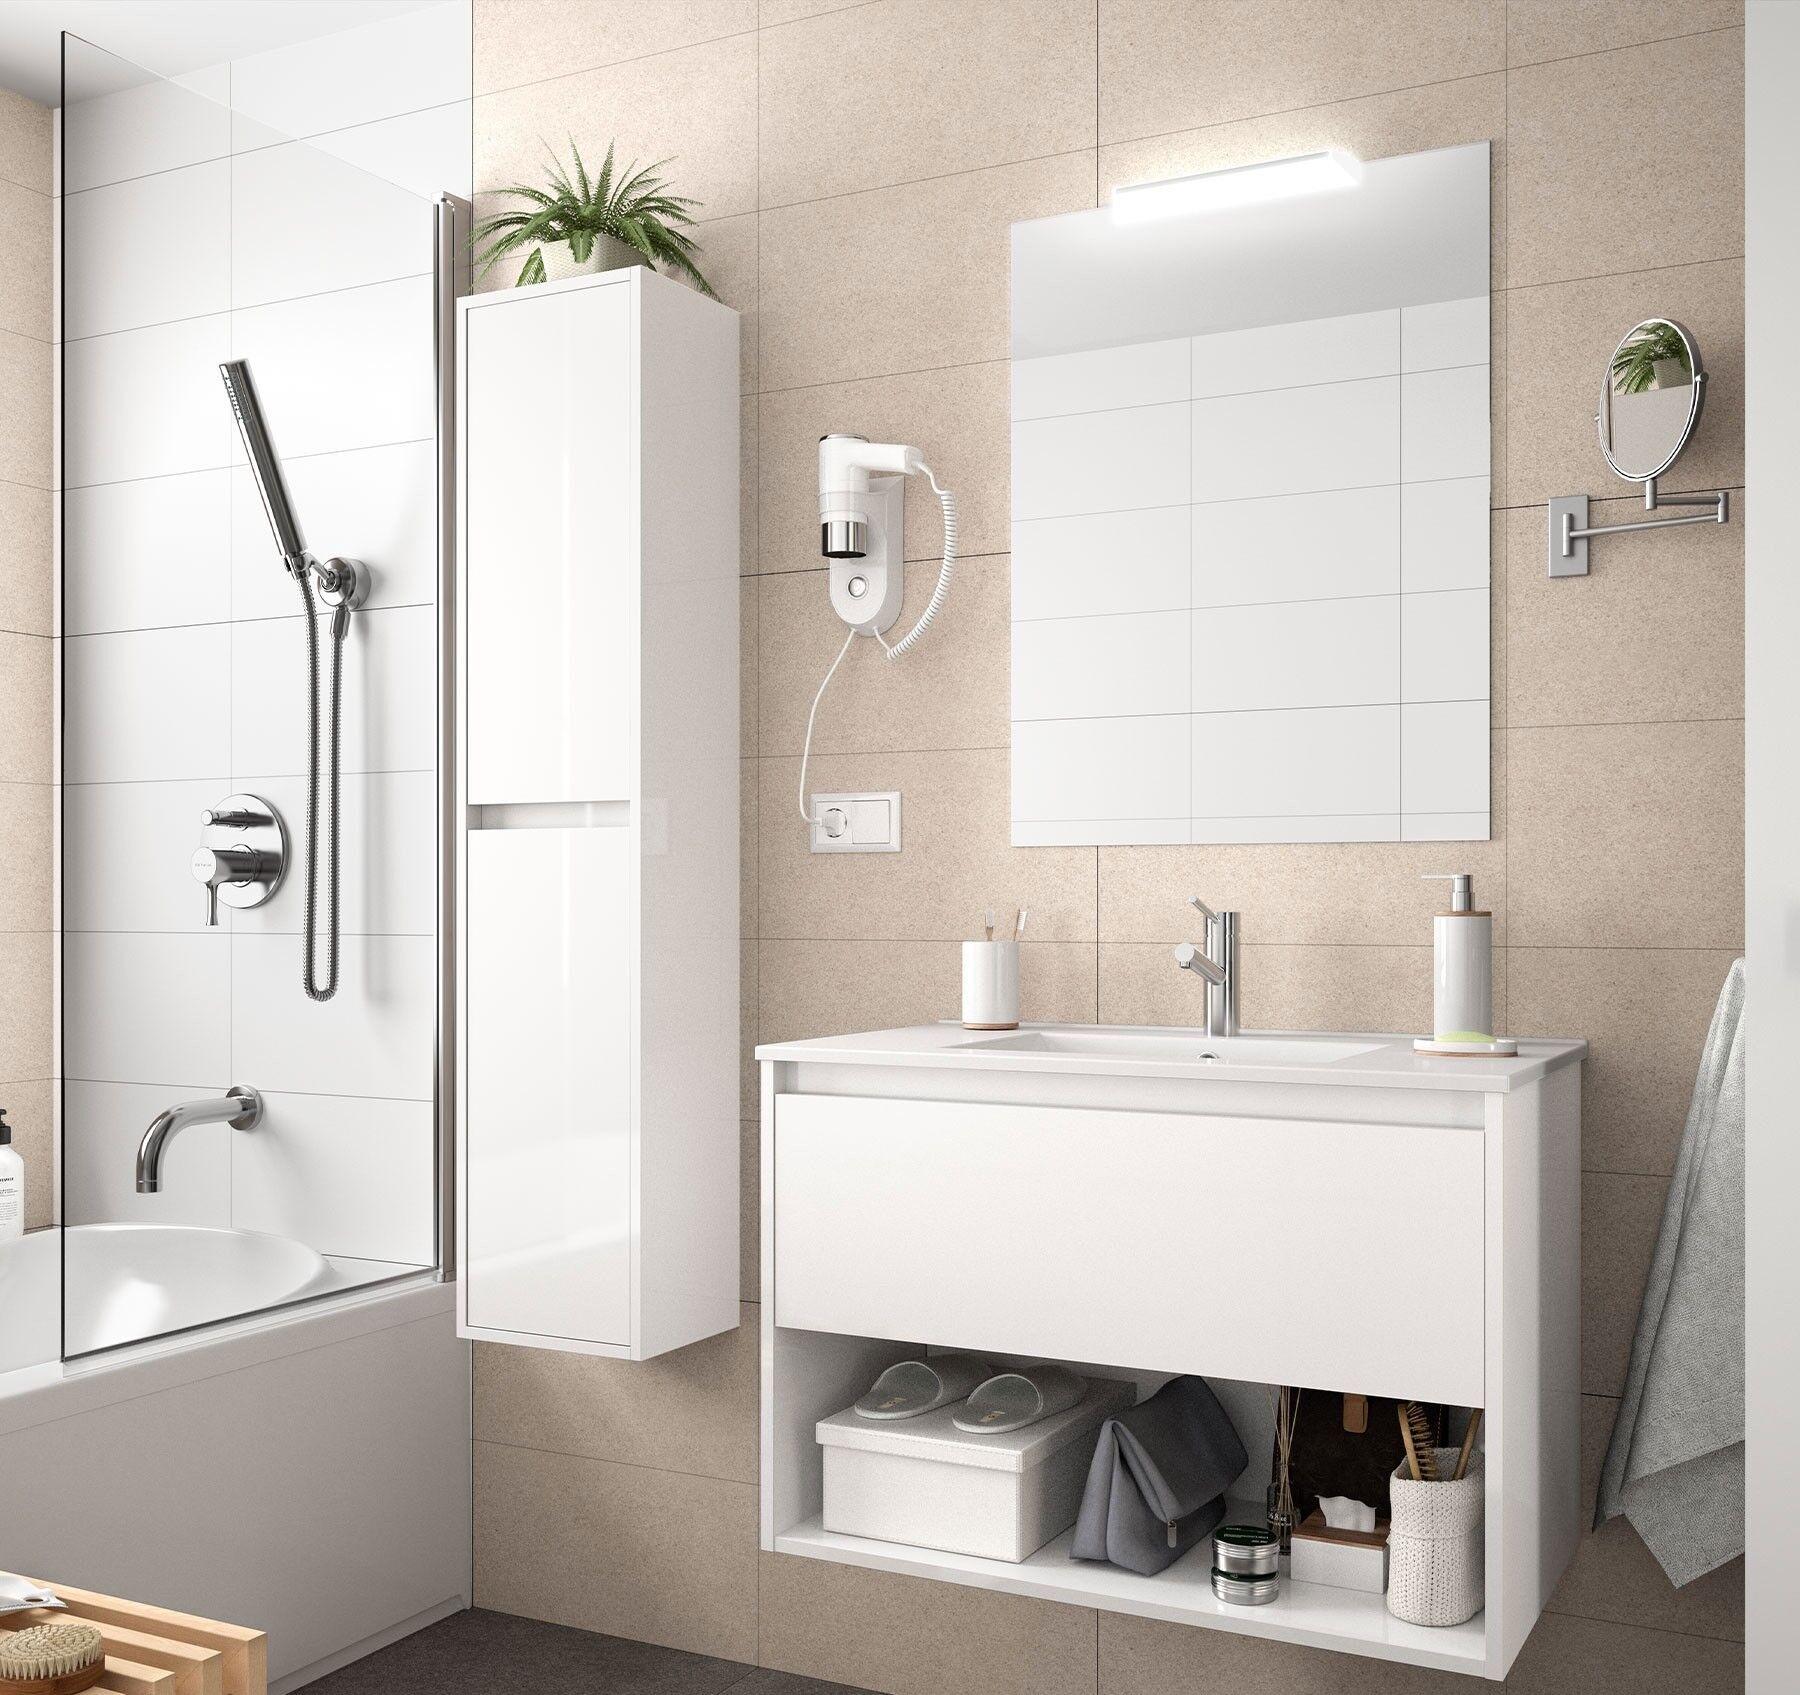 CAESAROO Meuble de salle de bain suspendu 80 cm Blanc brillant avec un tiroir et un espace   80 cm - Avec double colonne, miroir et lampe à LED